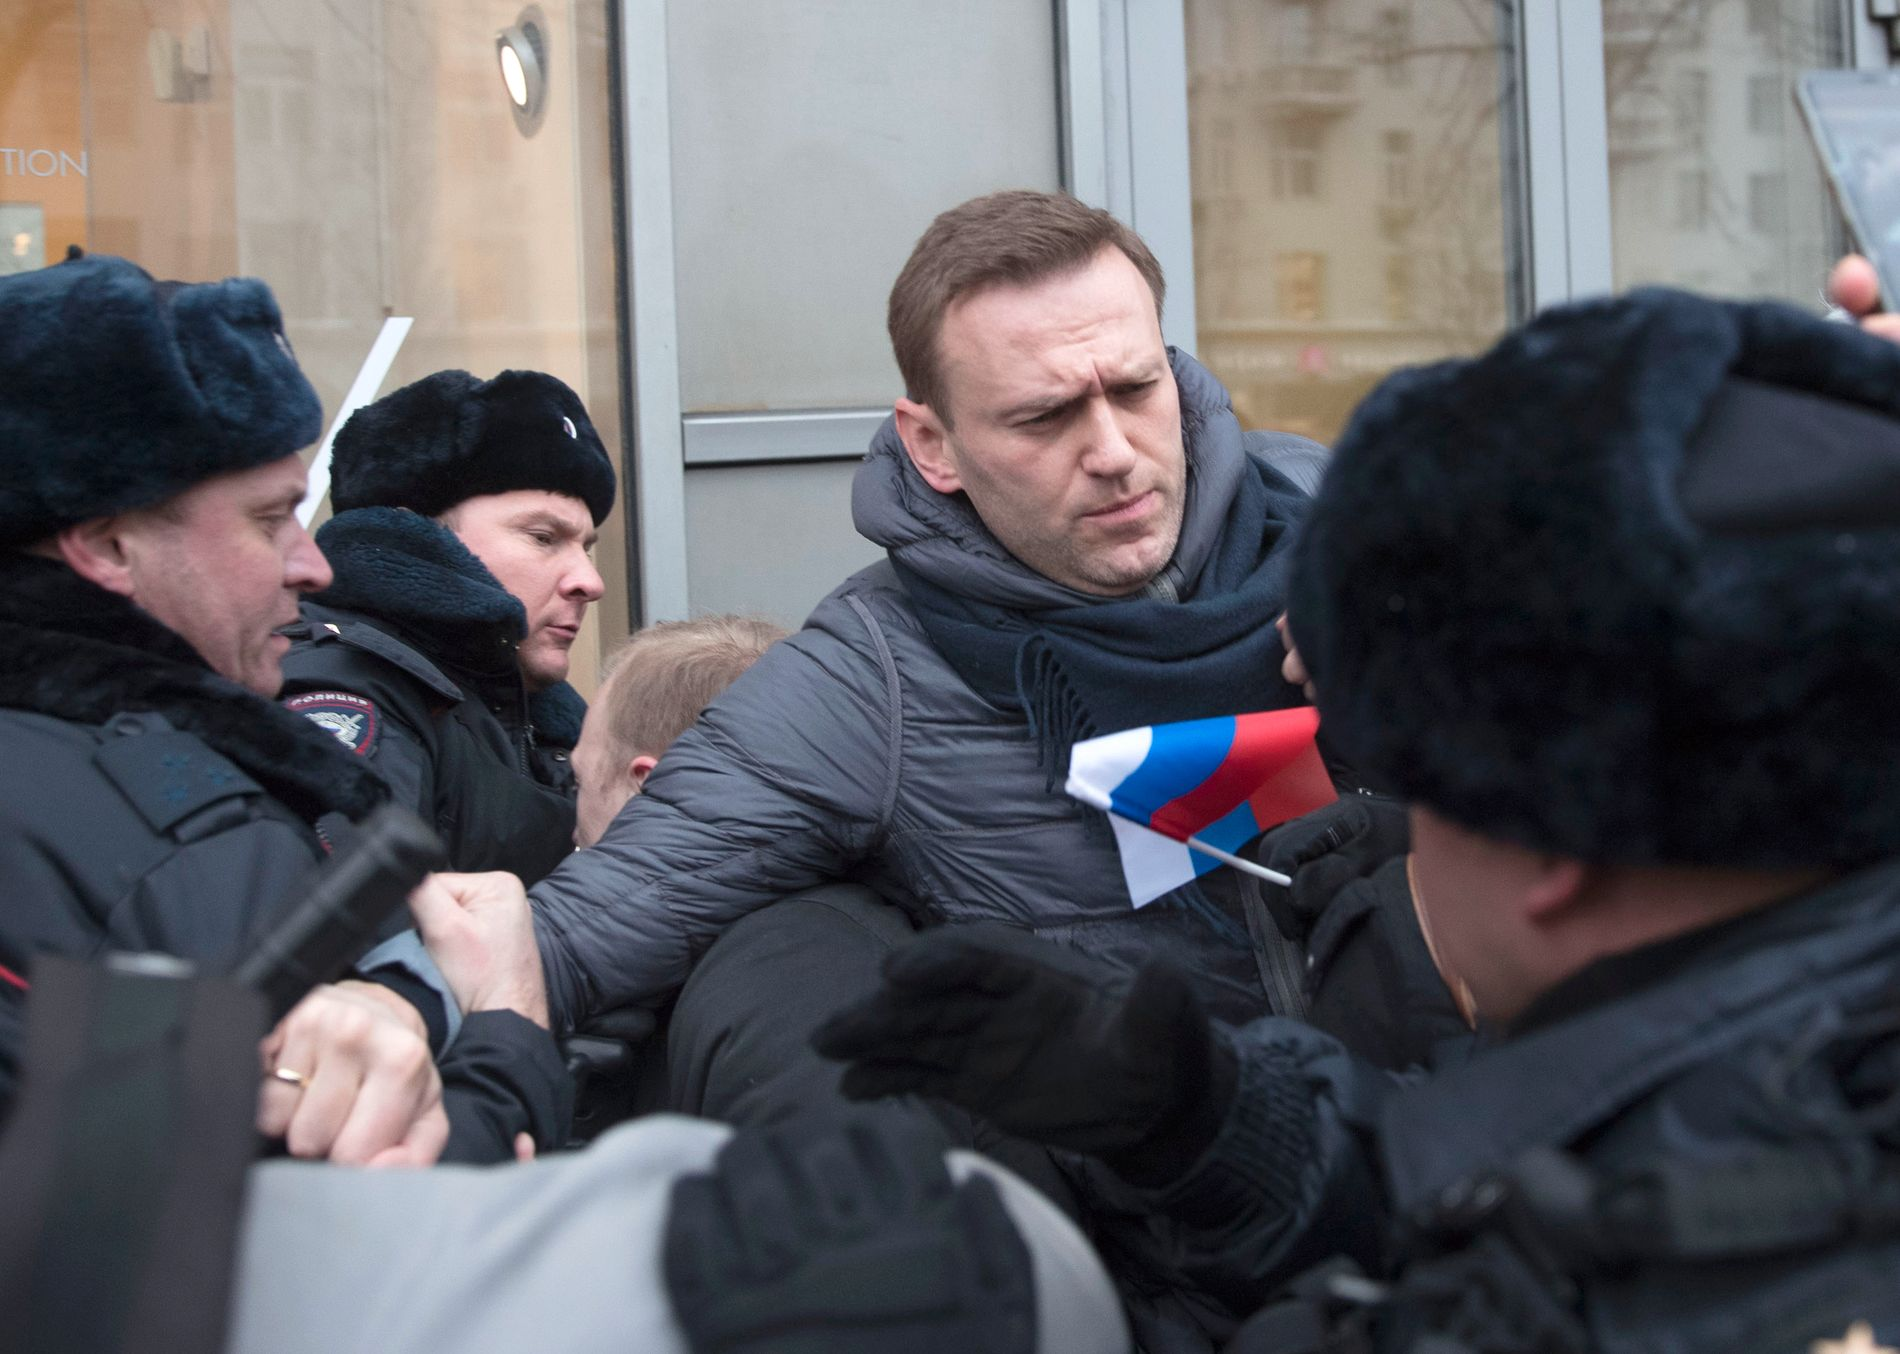 PÅGREPET: Opposisjonspolitiker Aleksej Navalny ble hanket inn av politiet i Moskva like før demonstrasjonen startet.